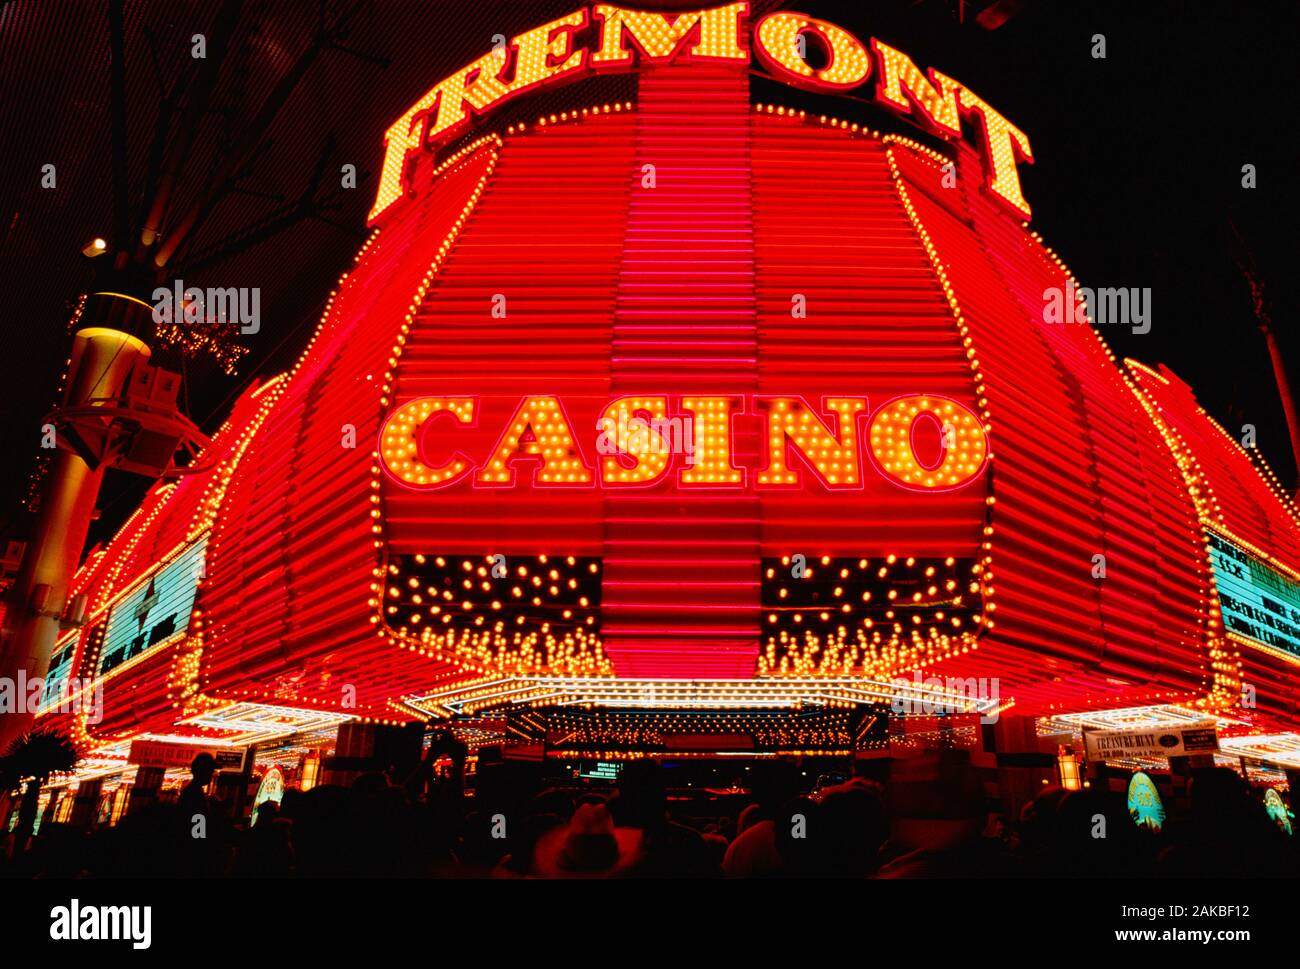 Fremont Casino le soir, Las Vegas, Nevada, USA Banque D'Images